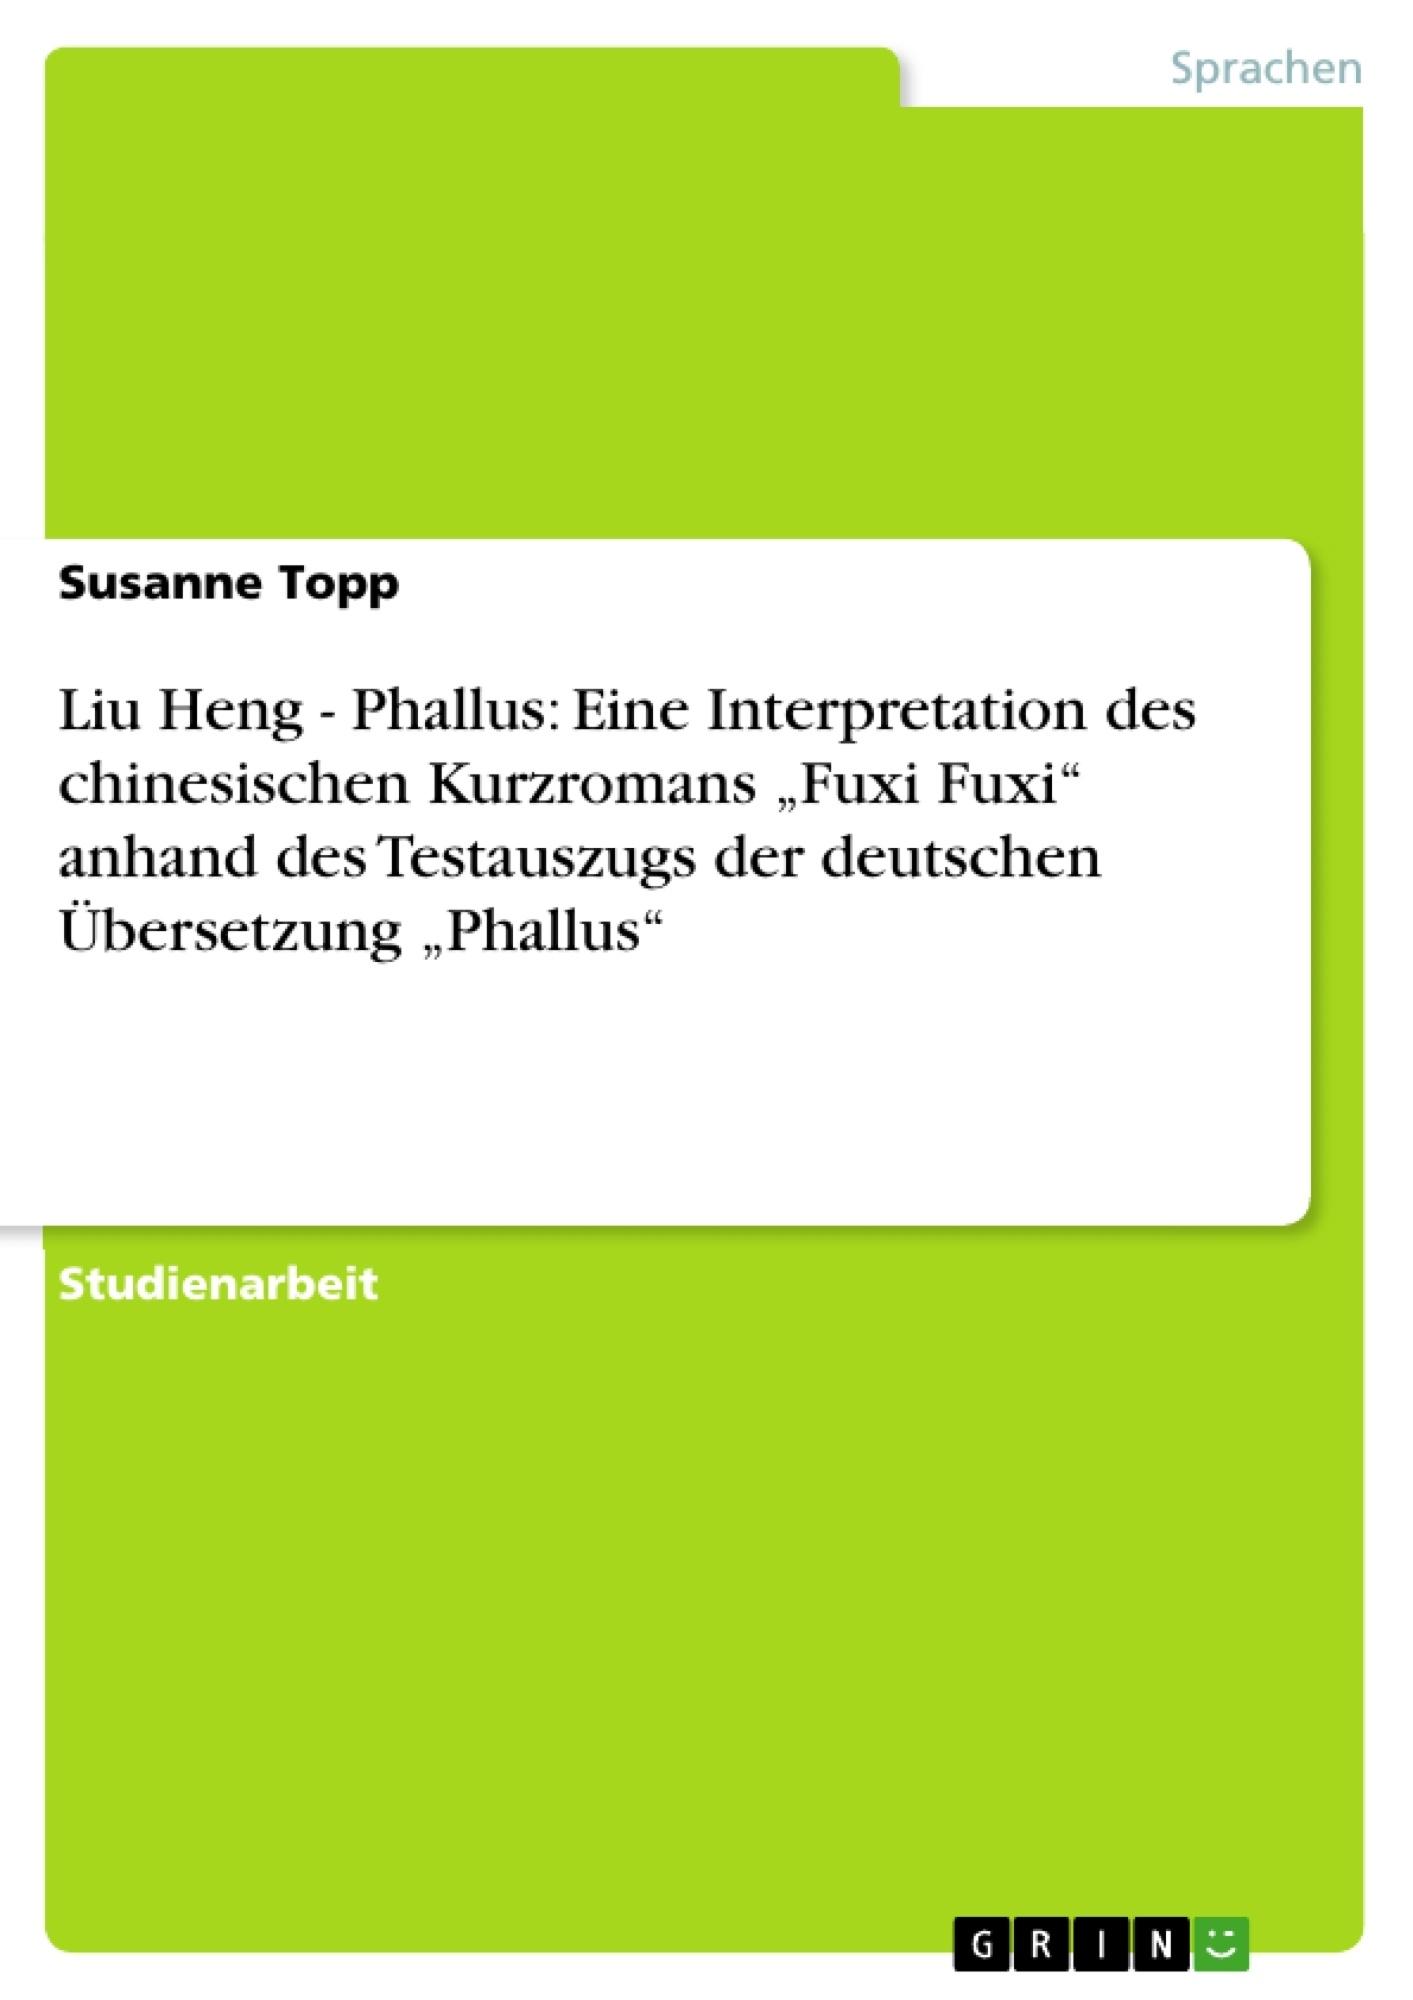 """Titel: Liu Heng - Phallus: Eine Interpretation des chinesischen Kurzromans """"Fuxi Fuxi"""" anhand des Testauszugs der deutschen Übersetzung """"Phallus"""""""